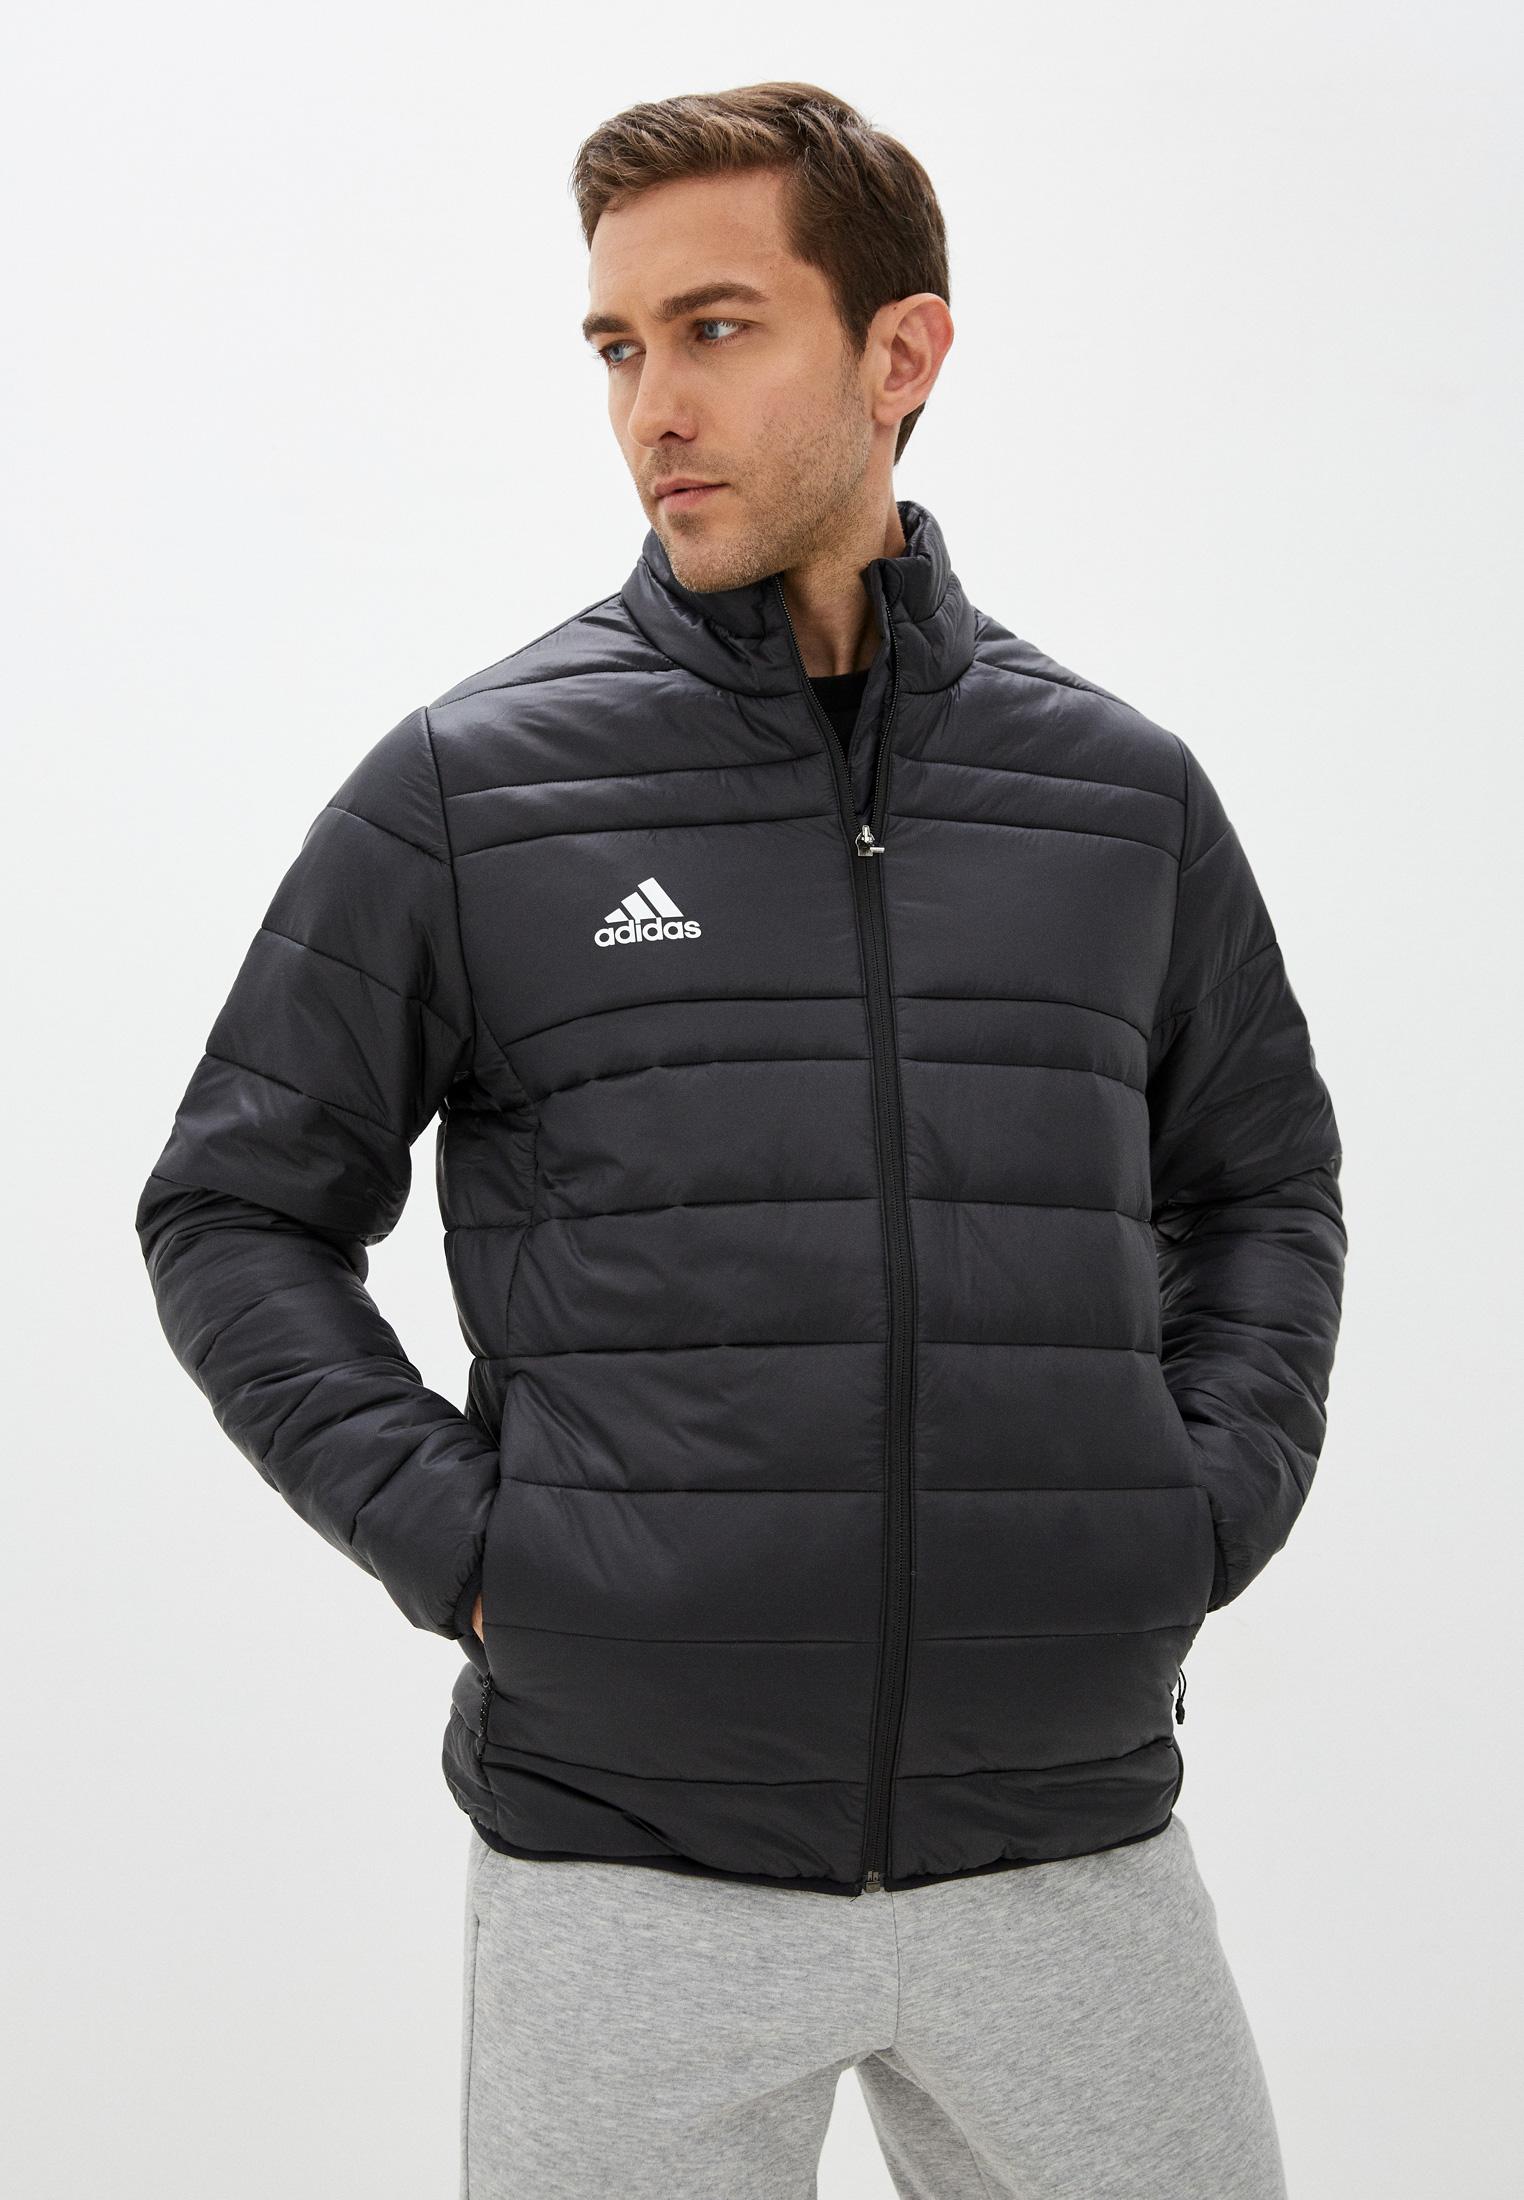 Мужская верхняя одежда Adidas (Адидас) Куртка утепленная adidas